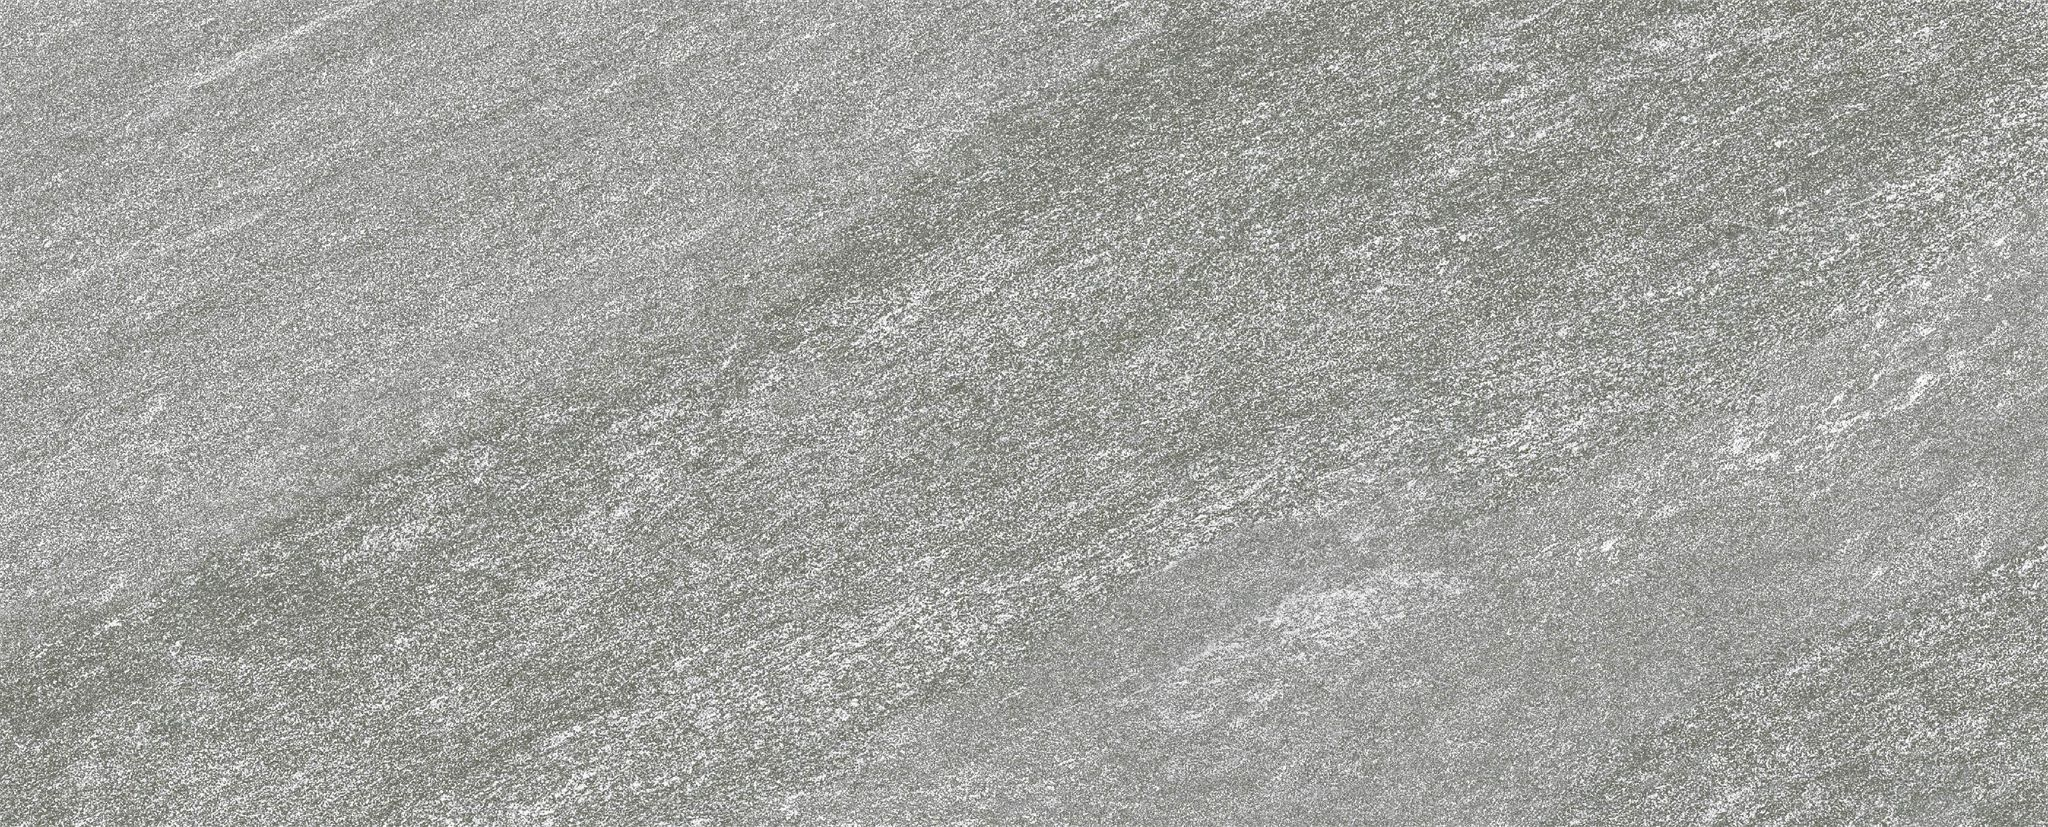 Настенная плитка Mayolica Avalon Gris 28х70 настенная плитка latina chicago texas gris 15x30